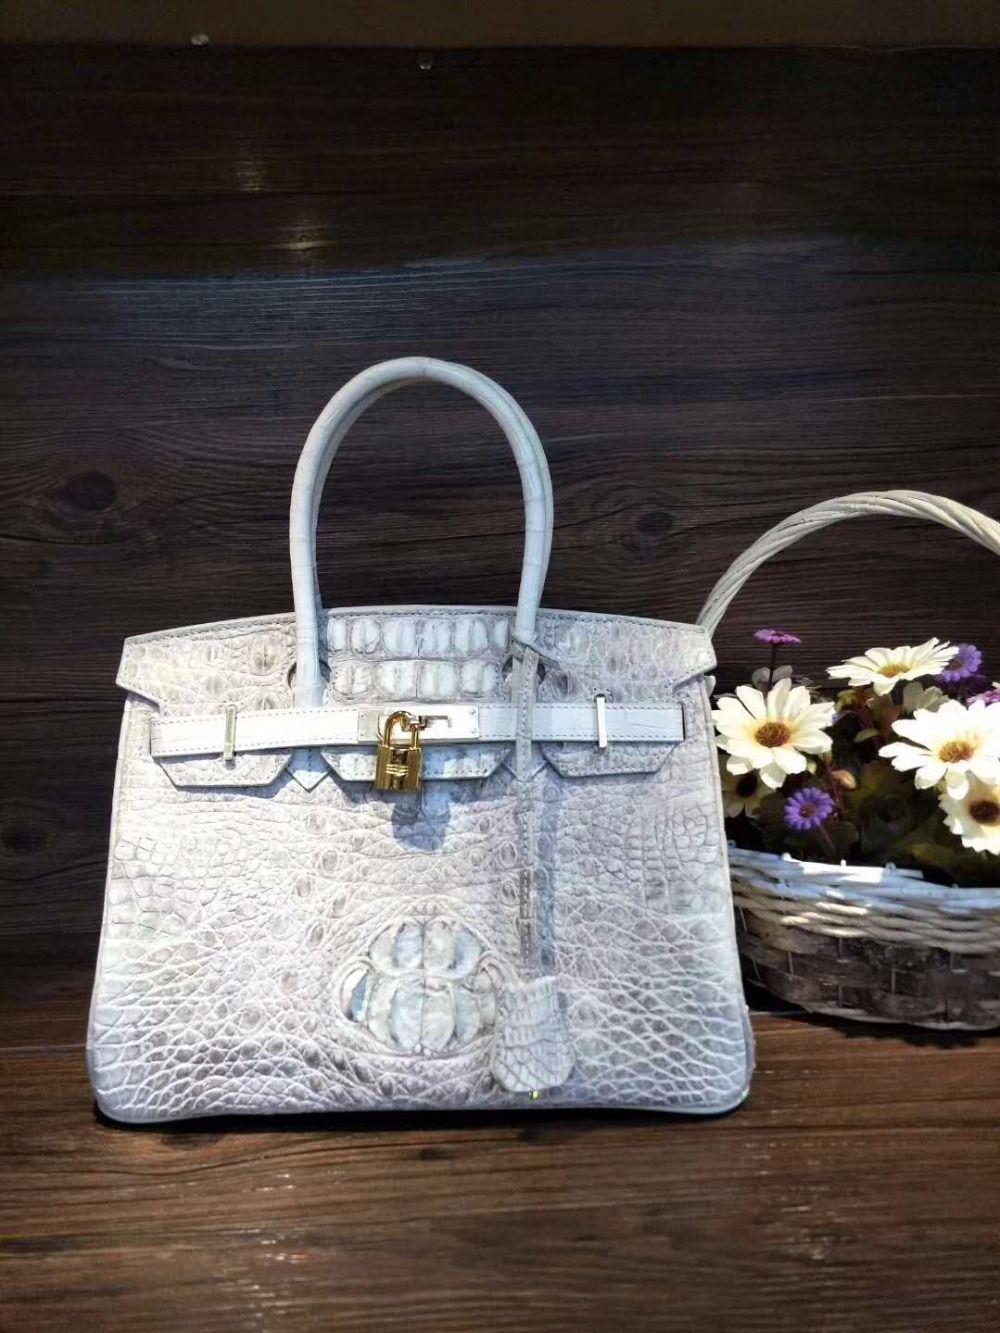 2018 fashion Himalaya white Crocodile head skin Leather Tote Top-handle women Handbag 100% Real/Genuine Crocodile Skin lady bag